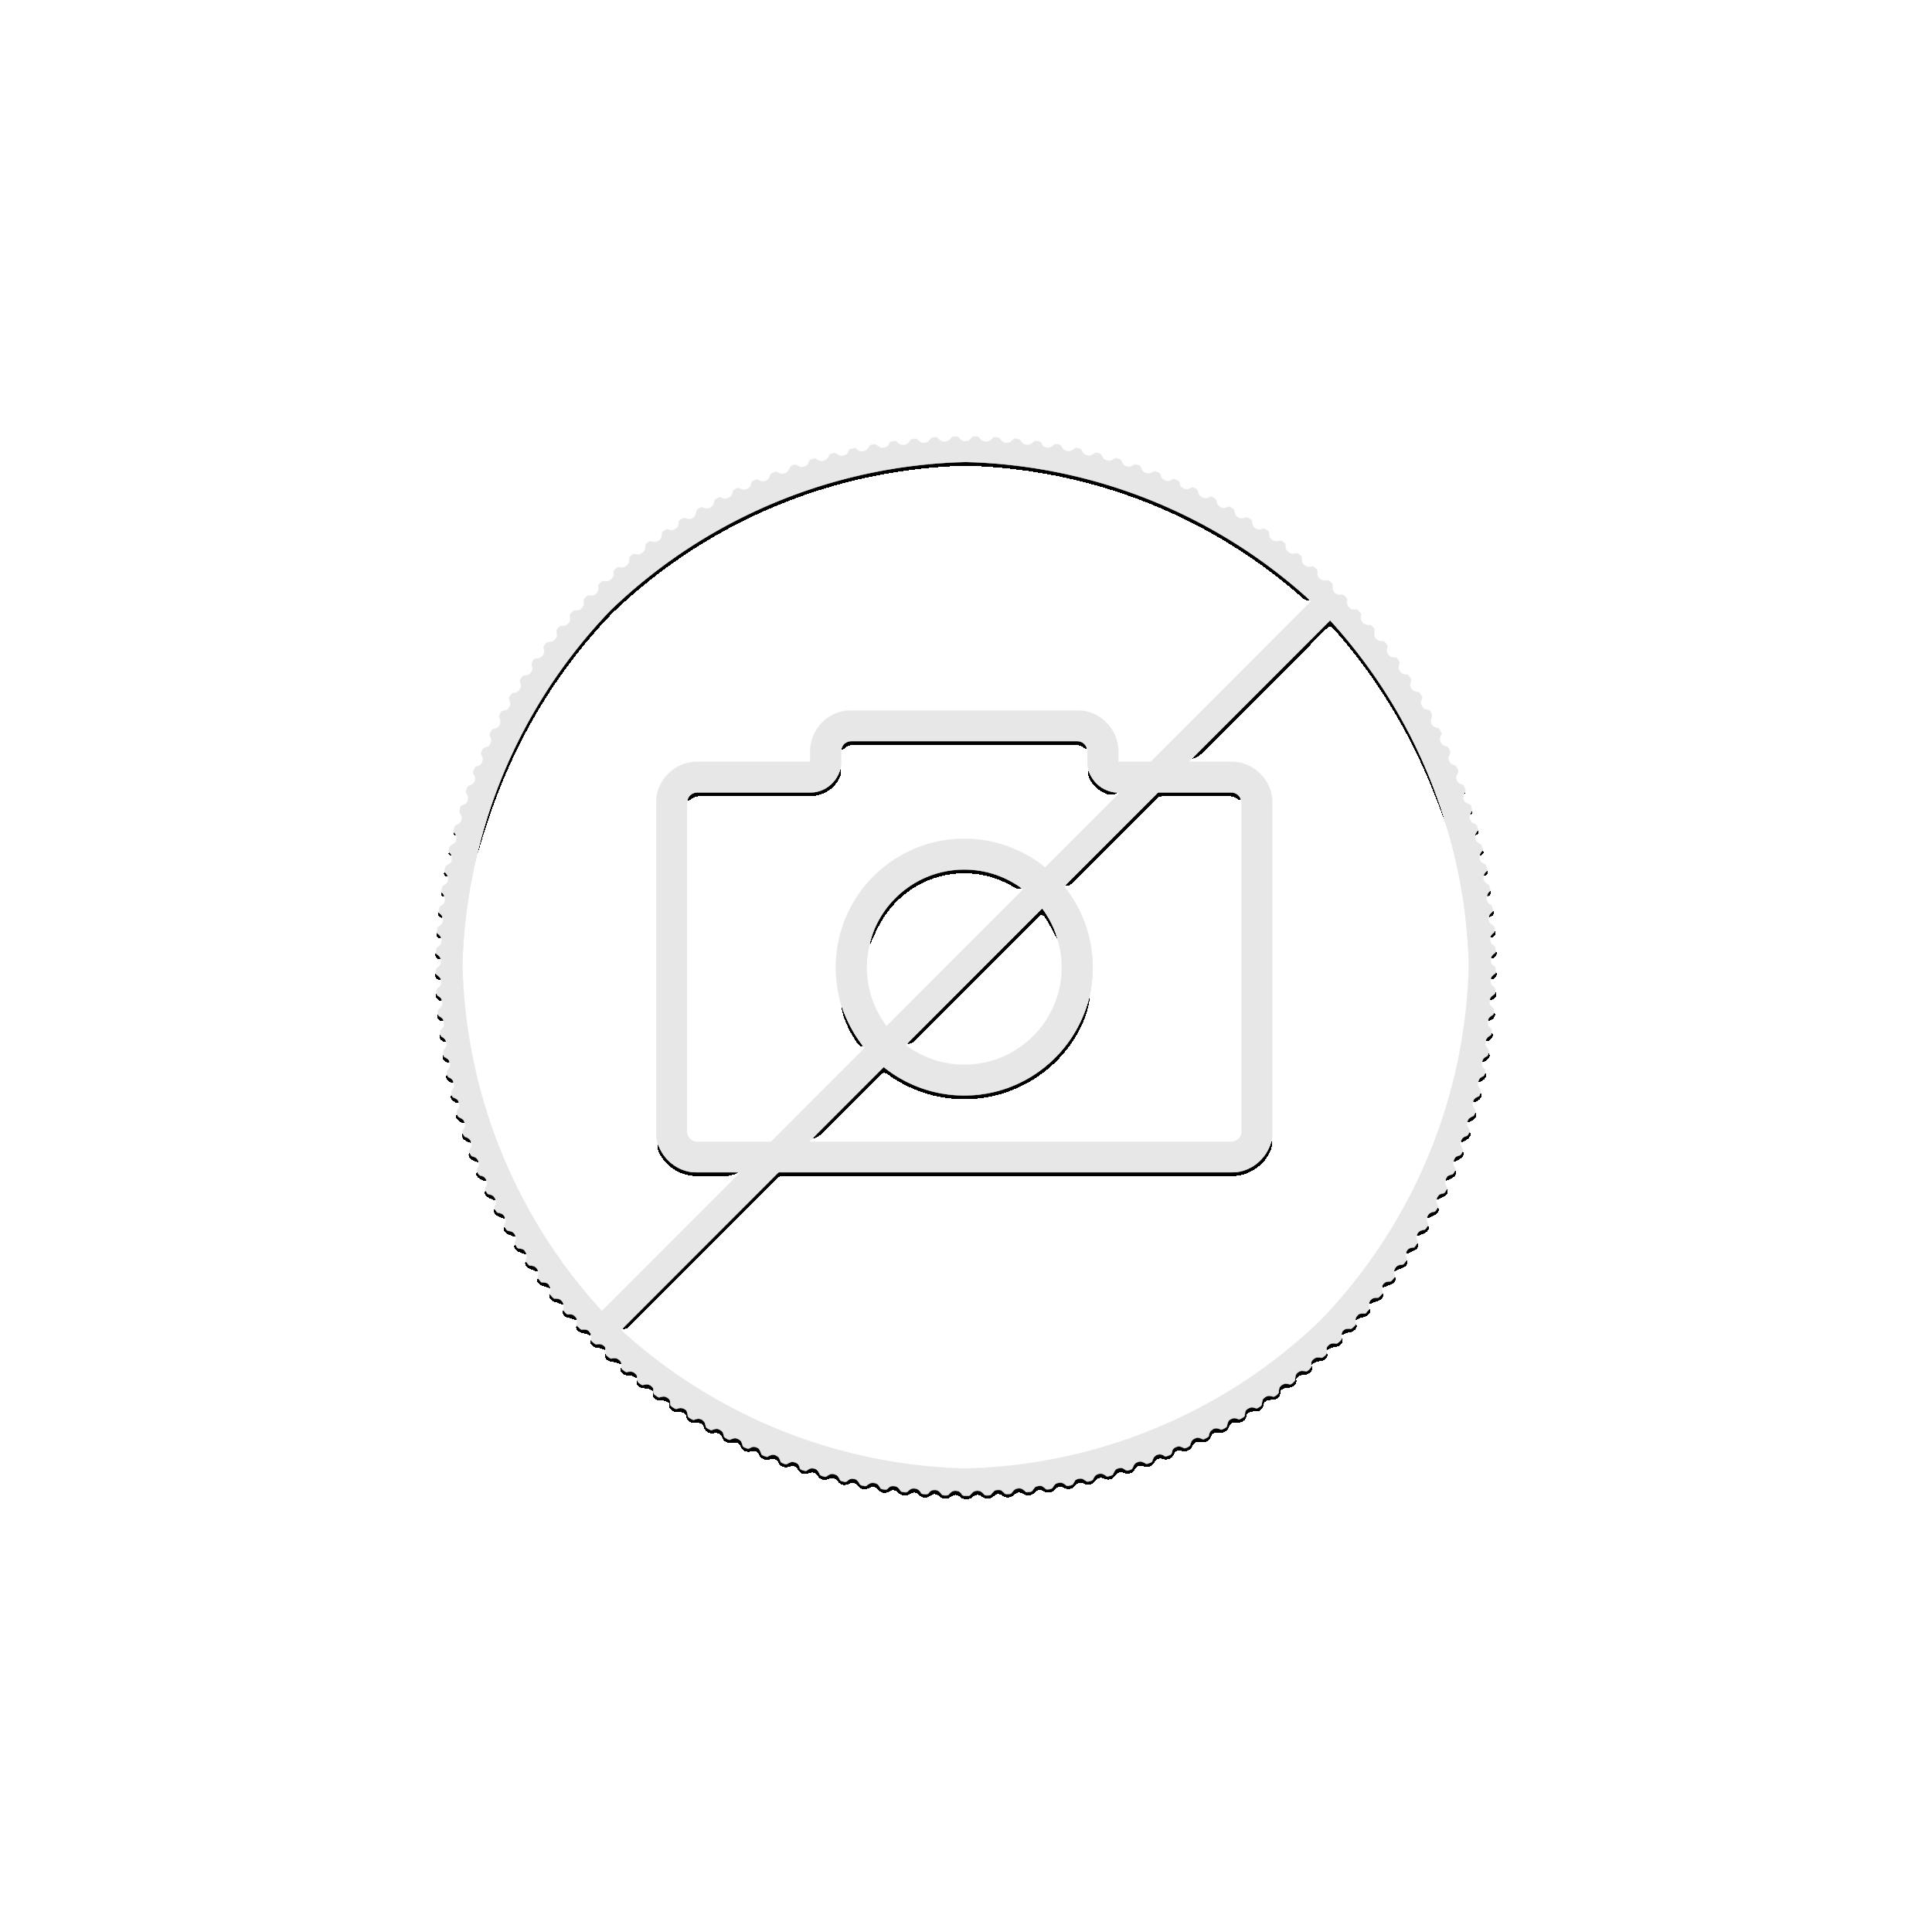 1 troy ounce zilveren munt Quokka gekleurd 2021 proof